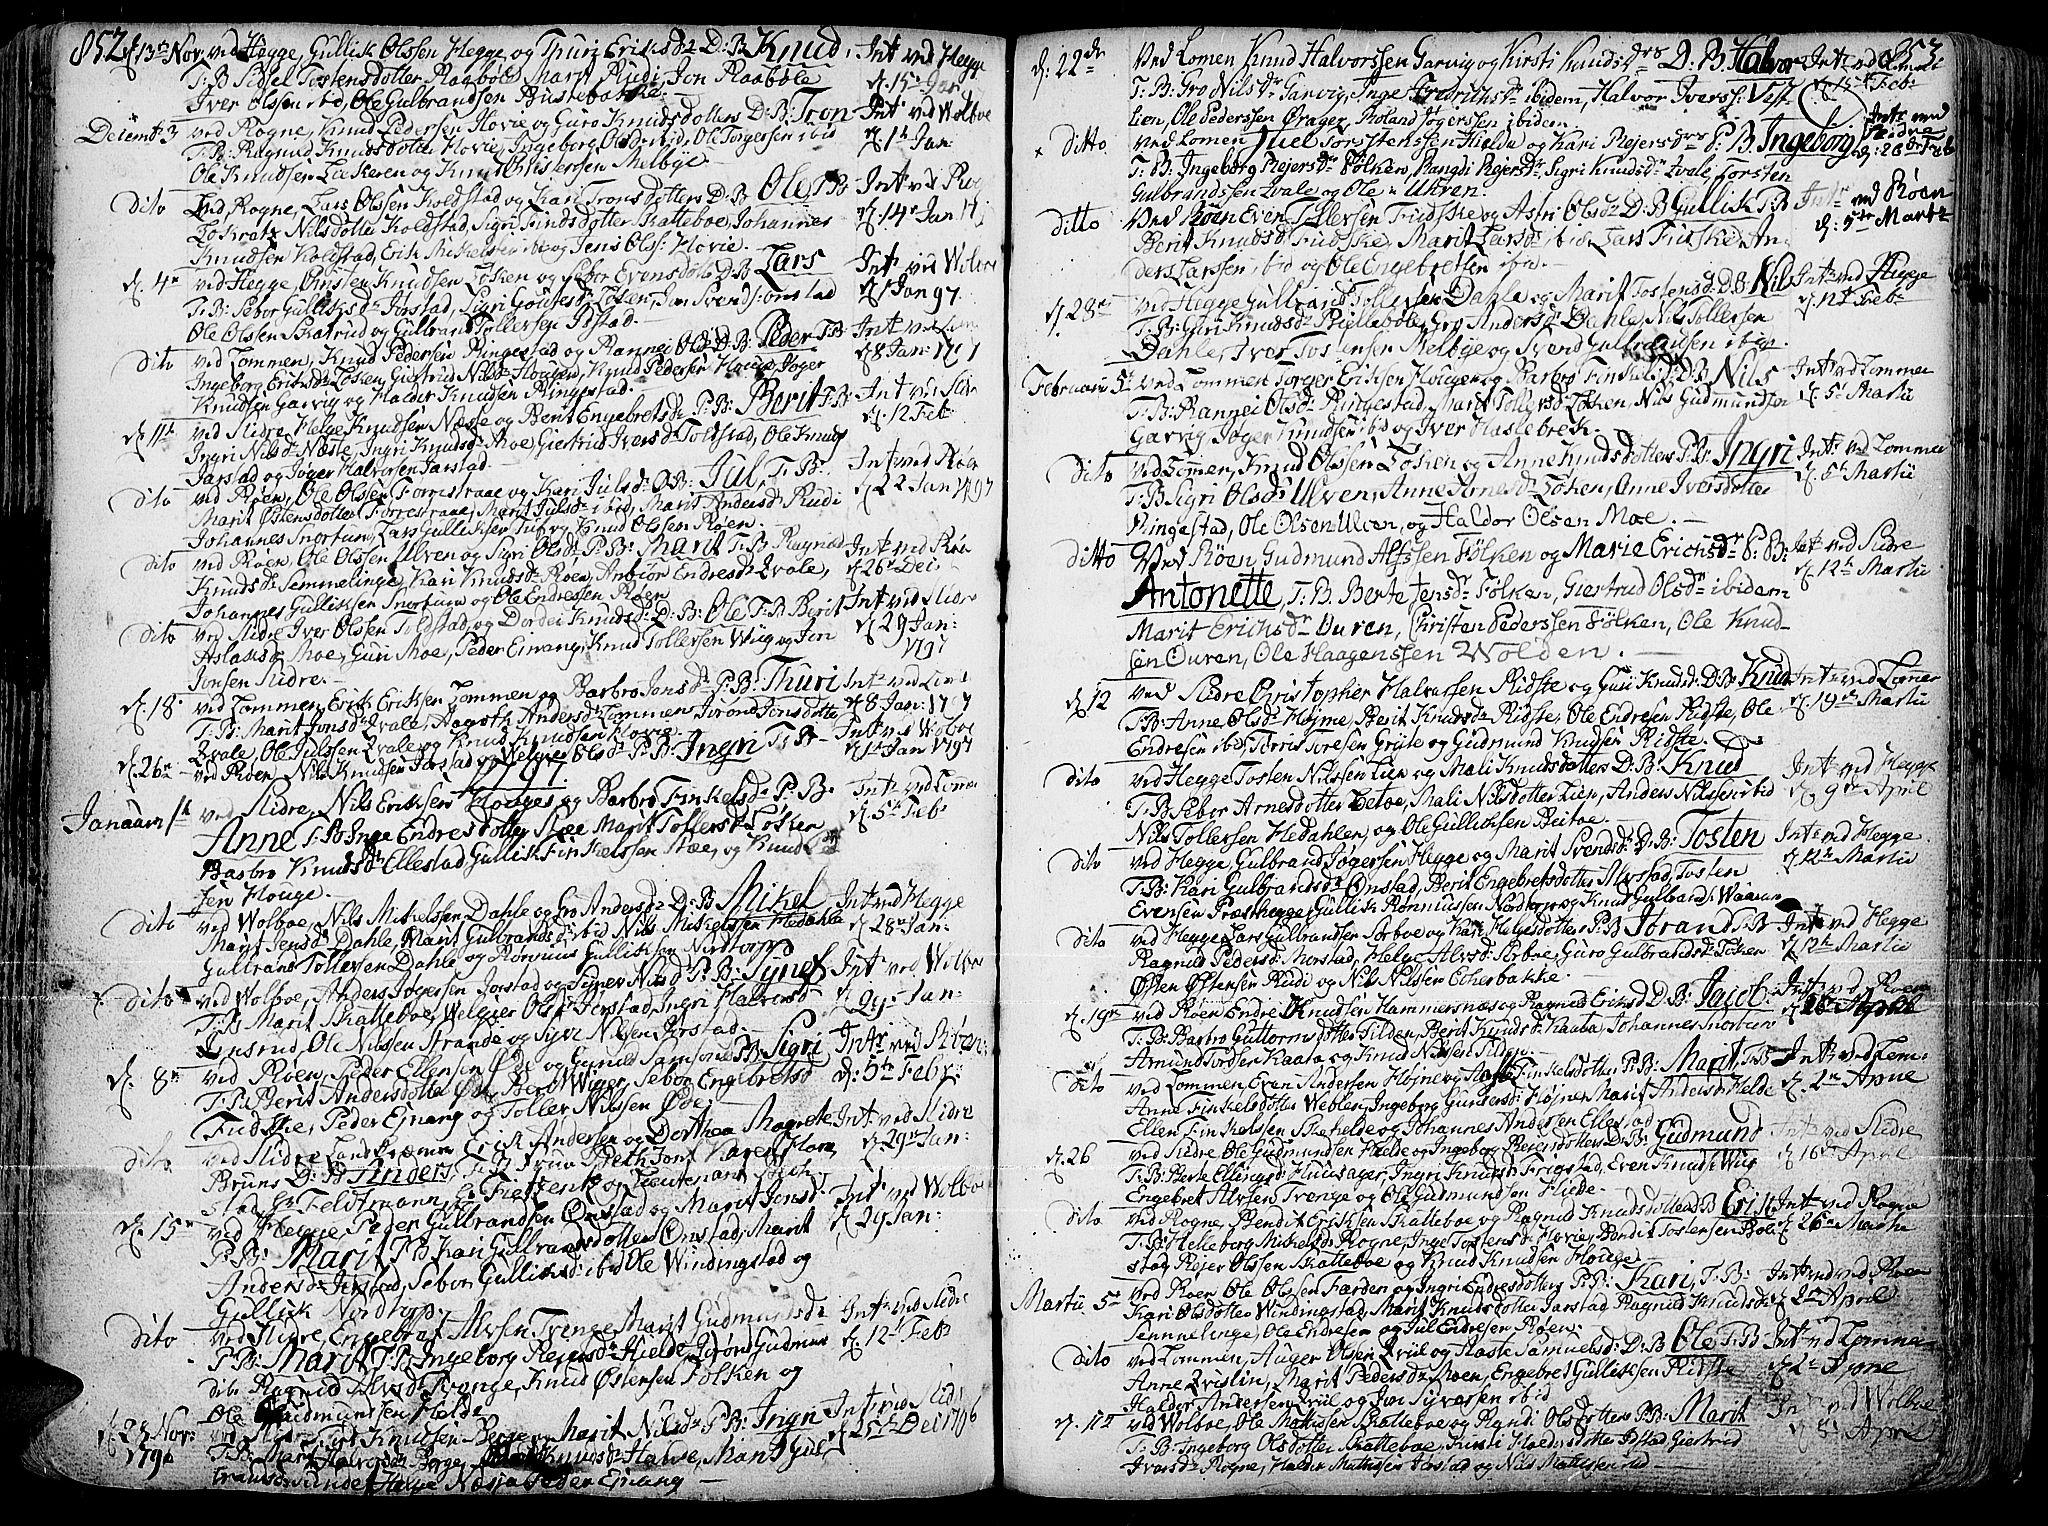 SAH, Slidre prestekontor, Ministerialbok nr. 1, 1724-1814, s. 852-853